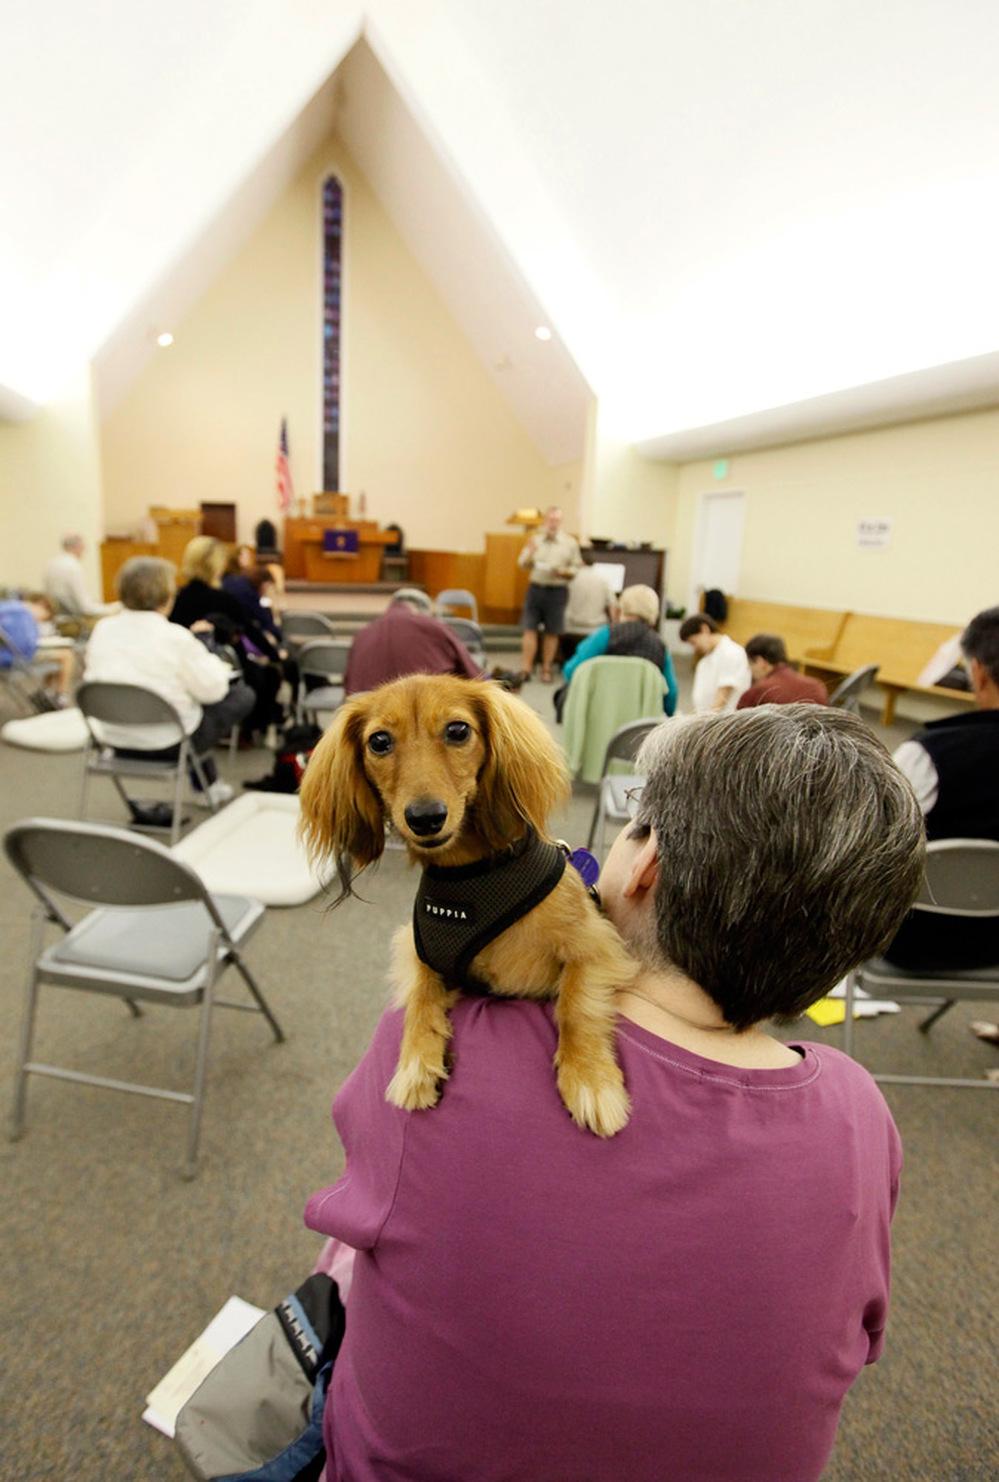 http://media.npr.org/assets/news/2009/11/29/dogs01_custom.jpg?t=1259169245&s=51